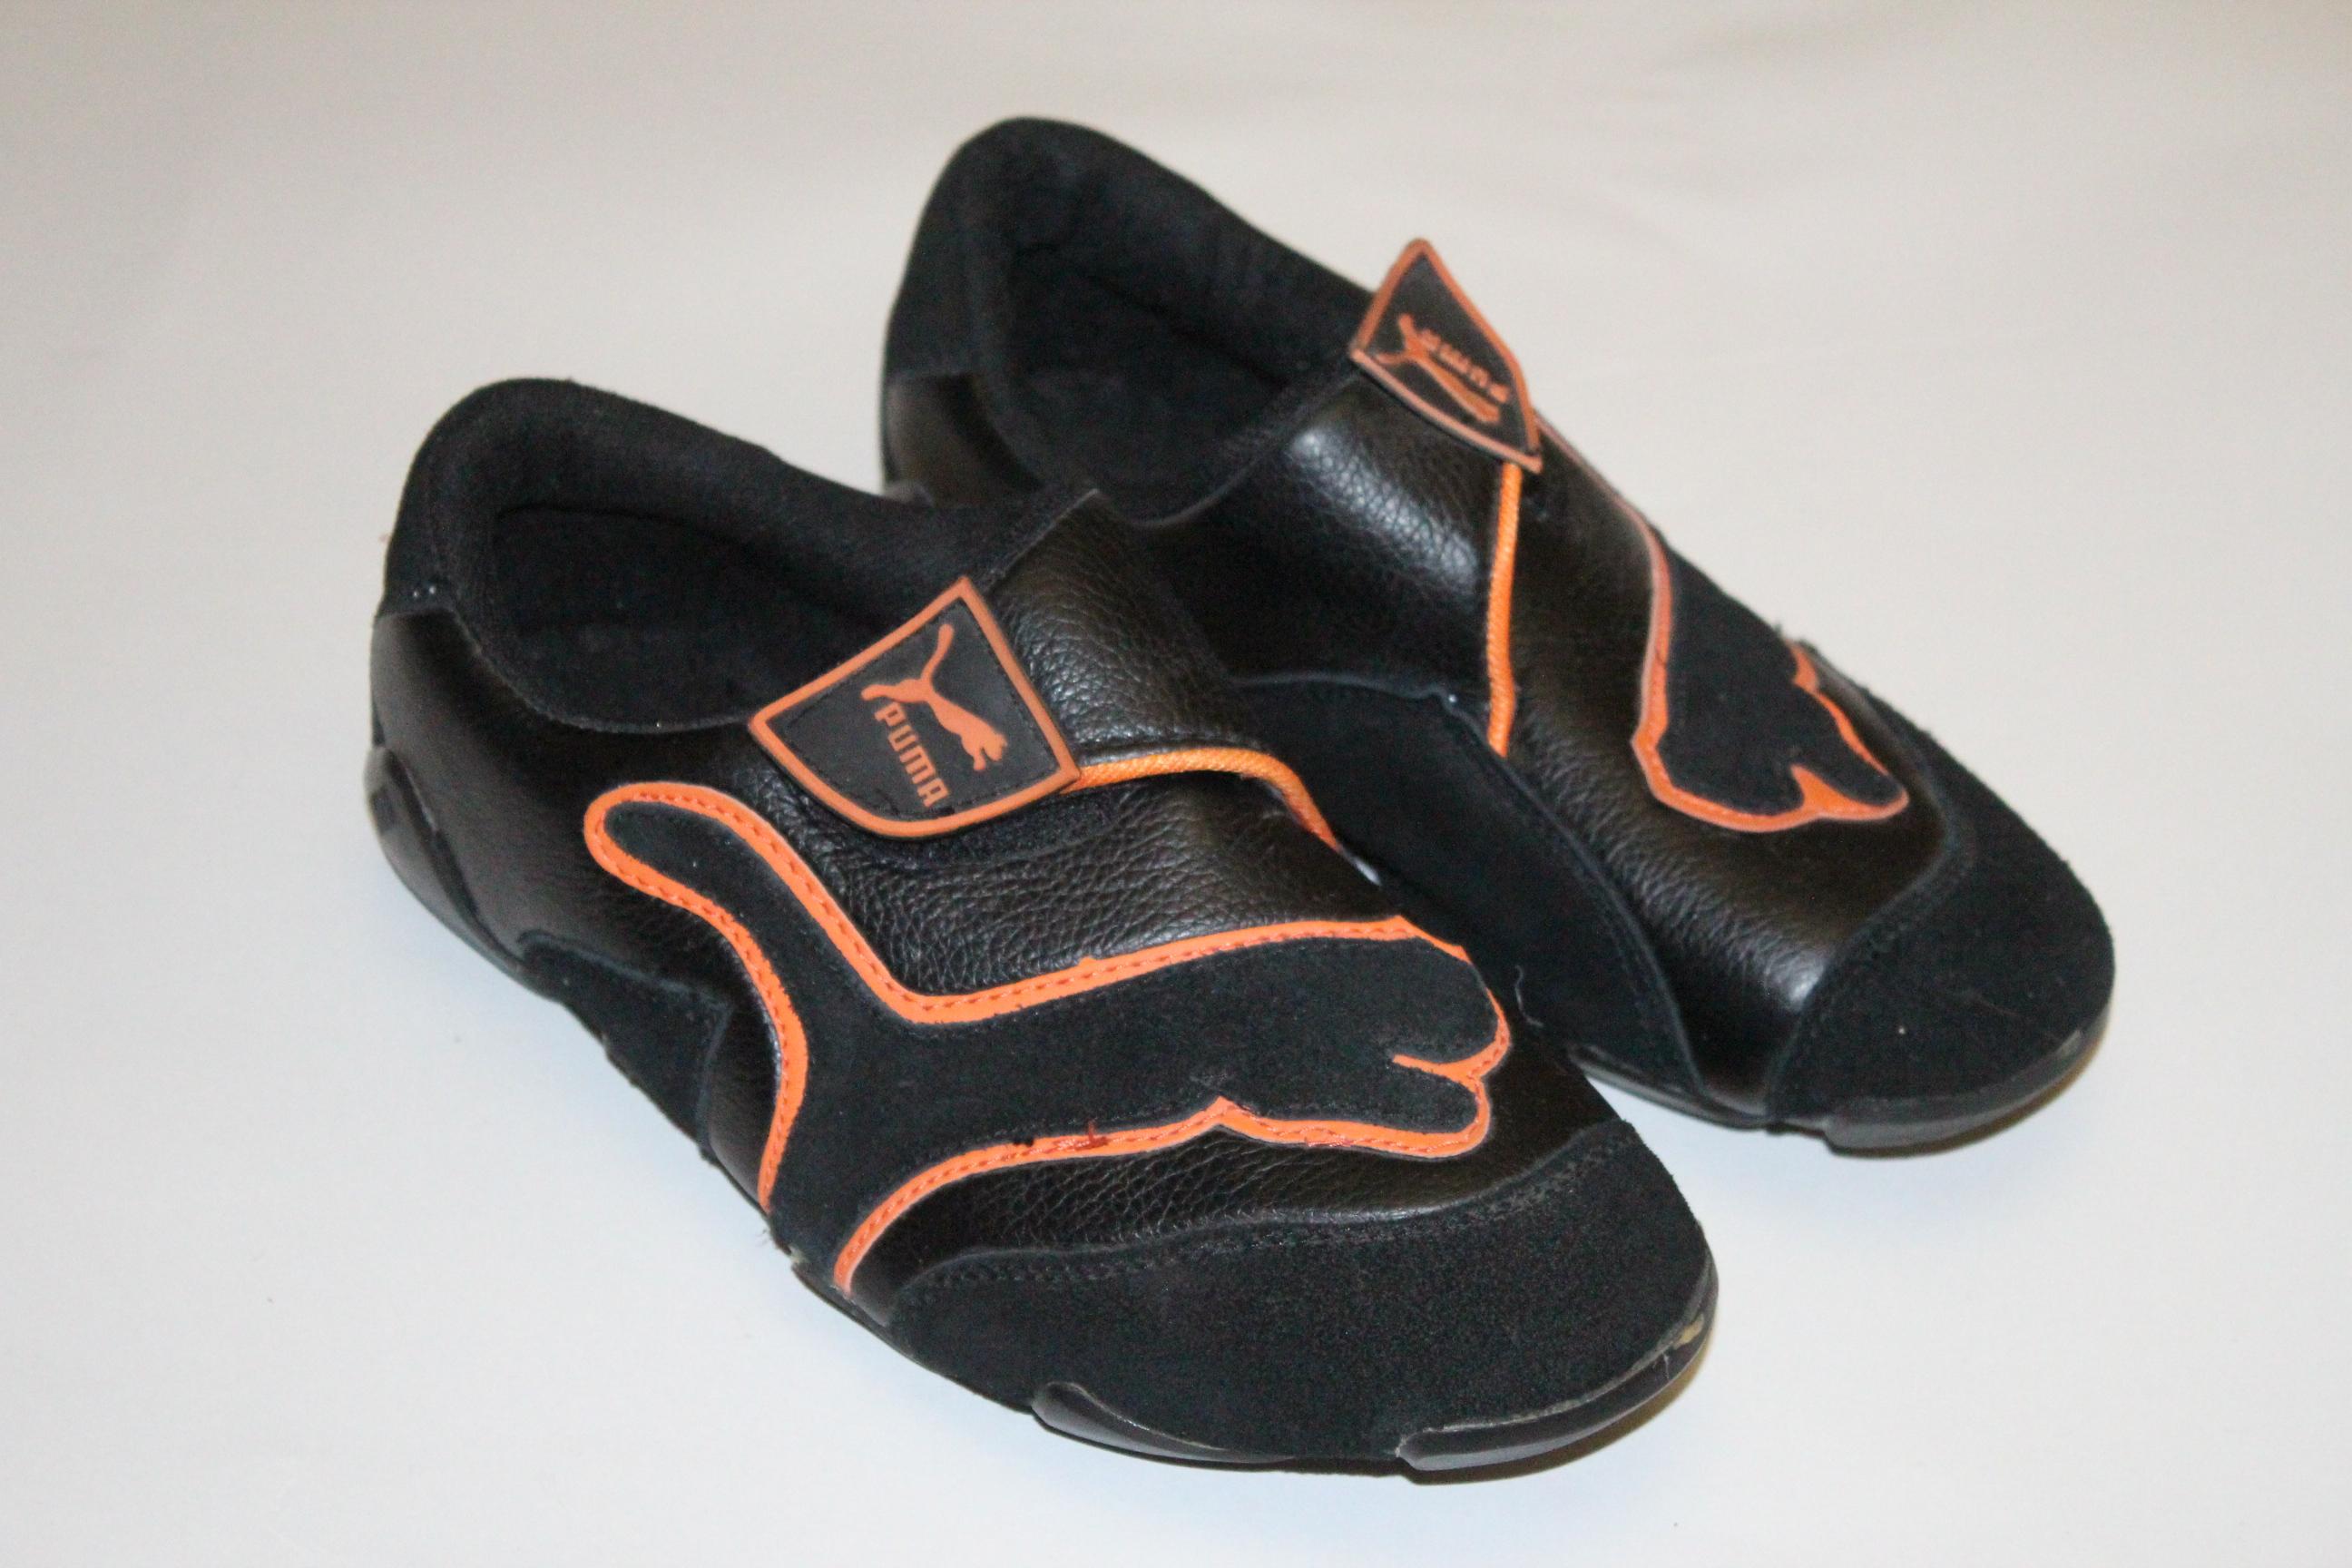 Сбор заказов. Большой выбор обуви от 290 рублей! Есть модели из натуральной кожи, замши! Туфли, сапоги, ботильоны, ботинки.Февраль